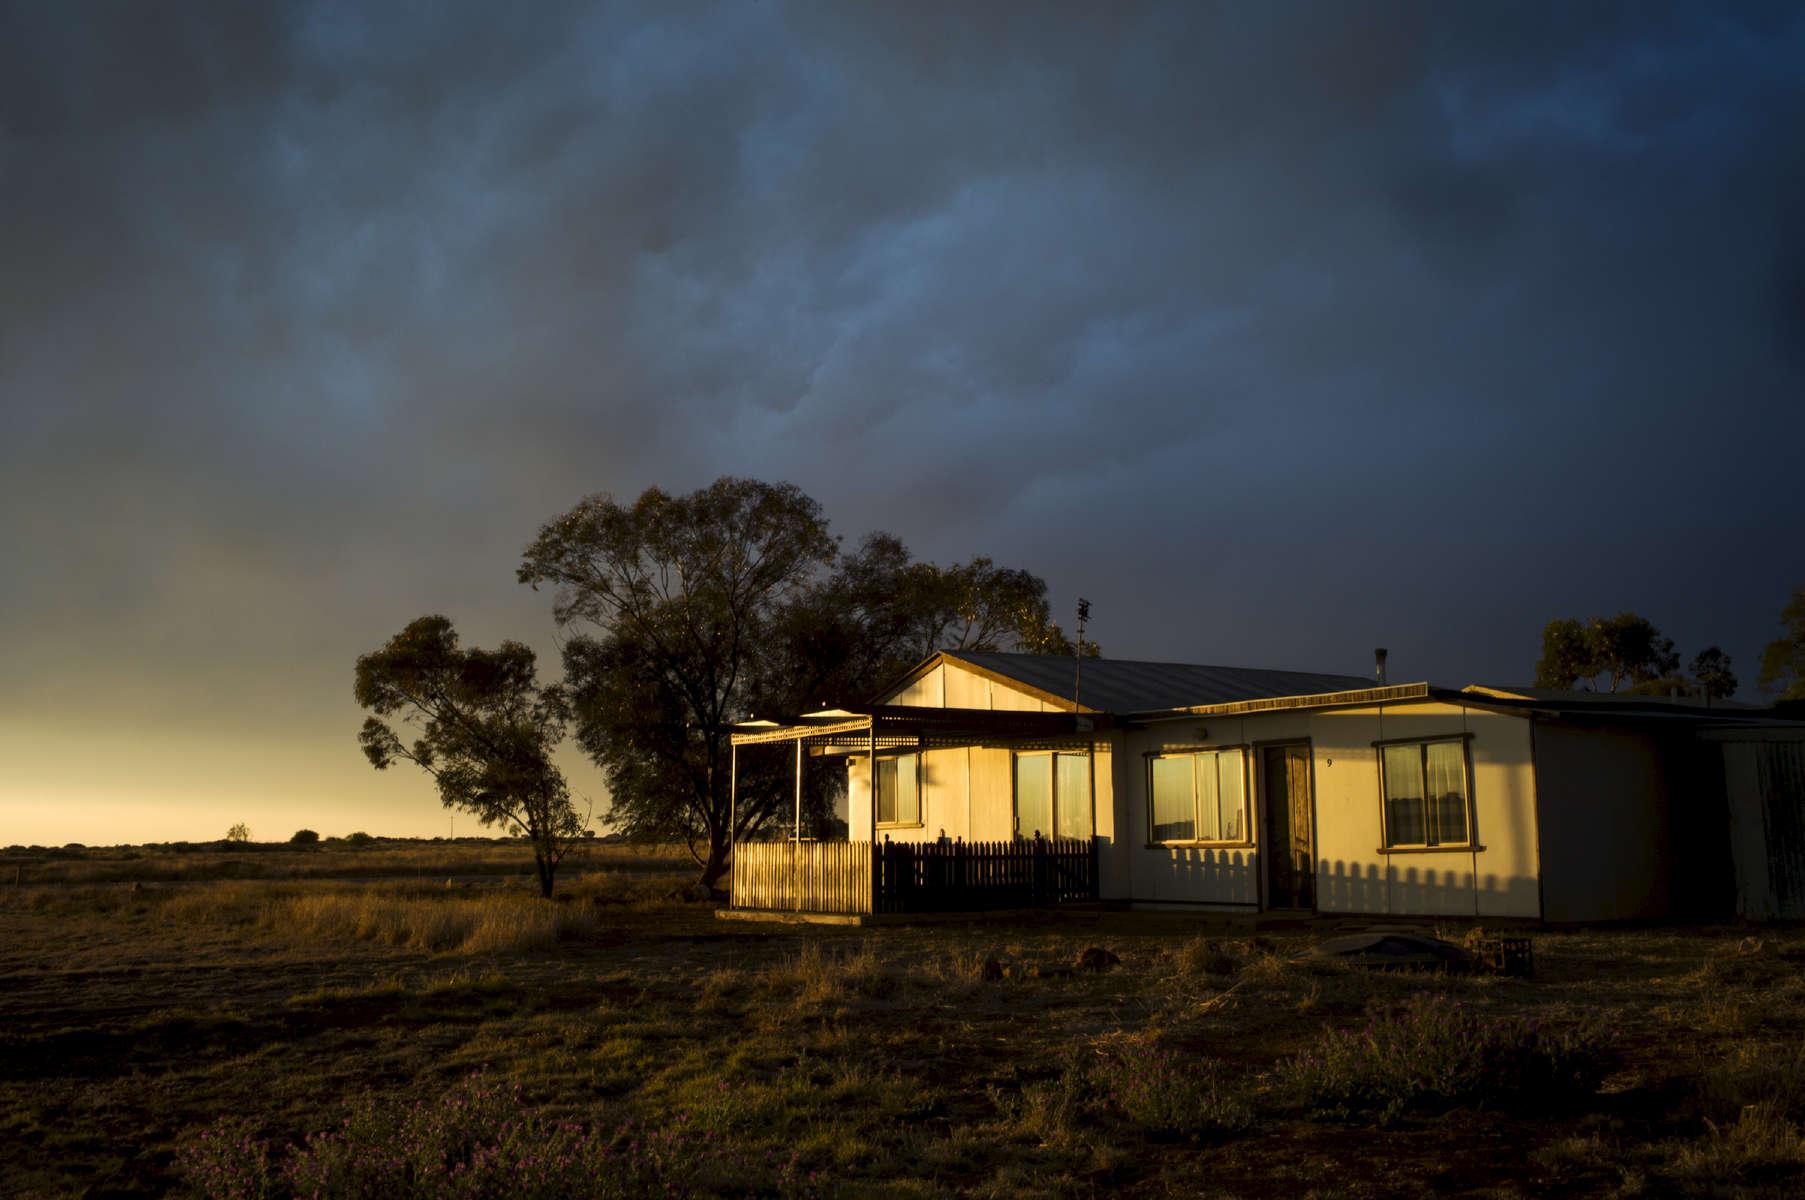 Maison typique du Outback, Nouvelle Galles du Sud,  Australie, 2011.